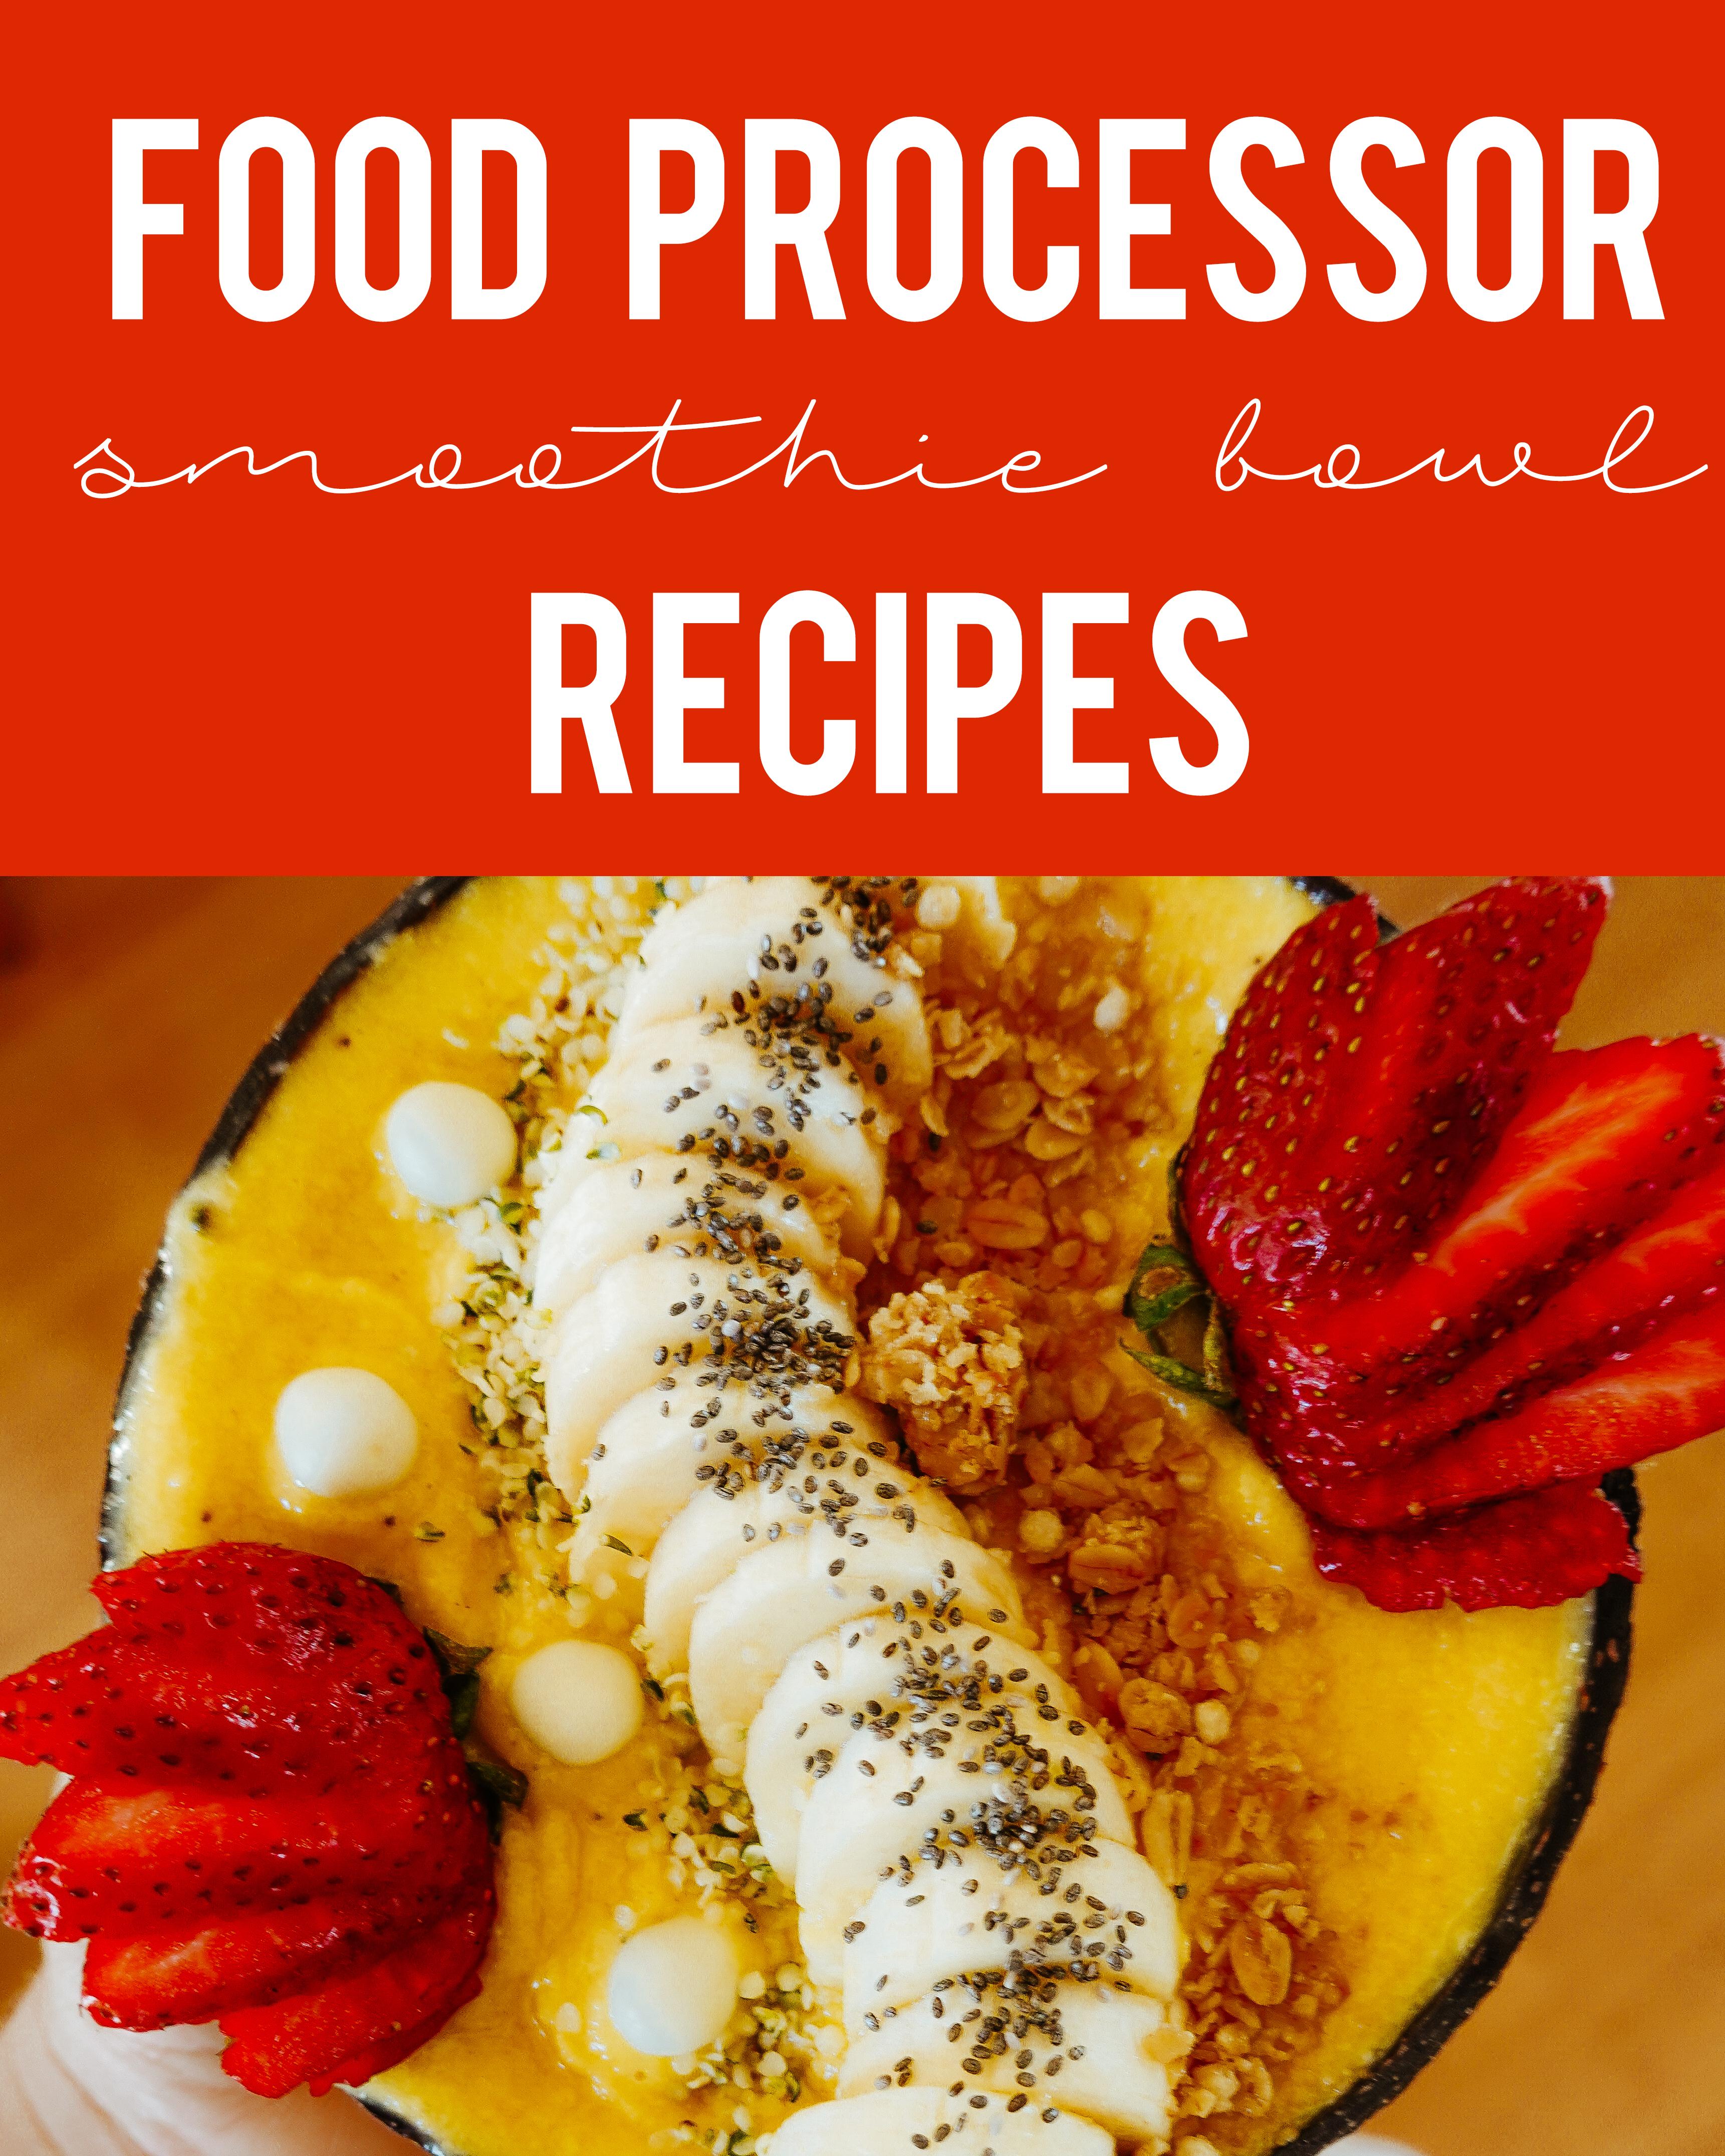 Food Processor Smoothie Bowl Recipes